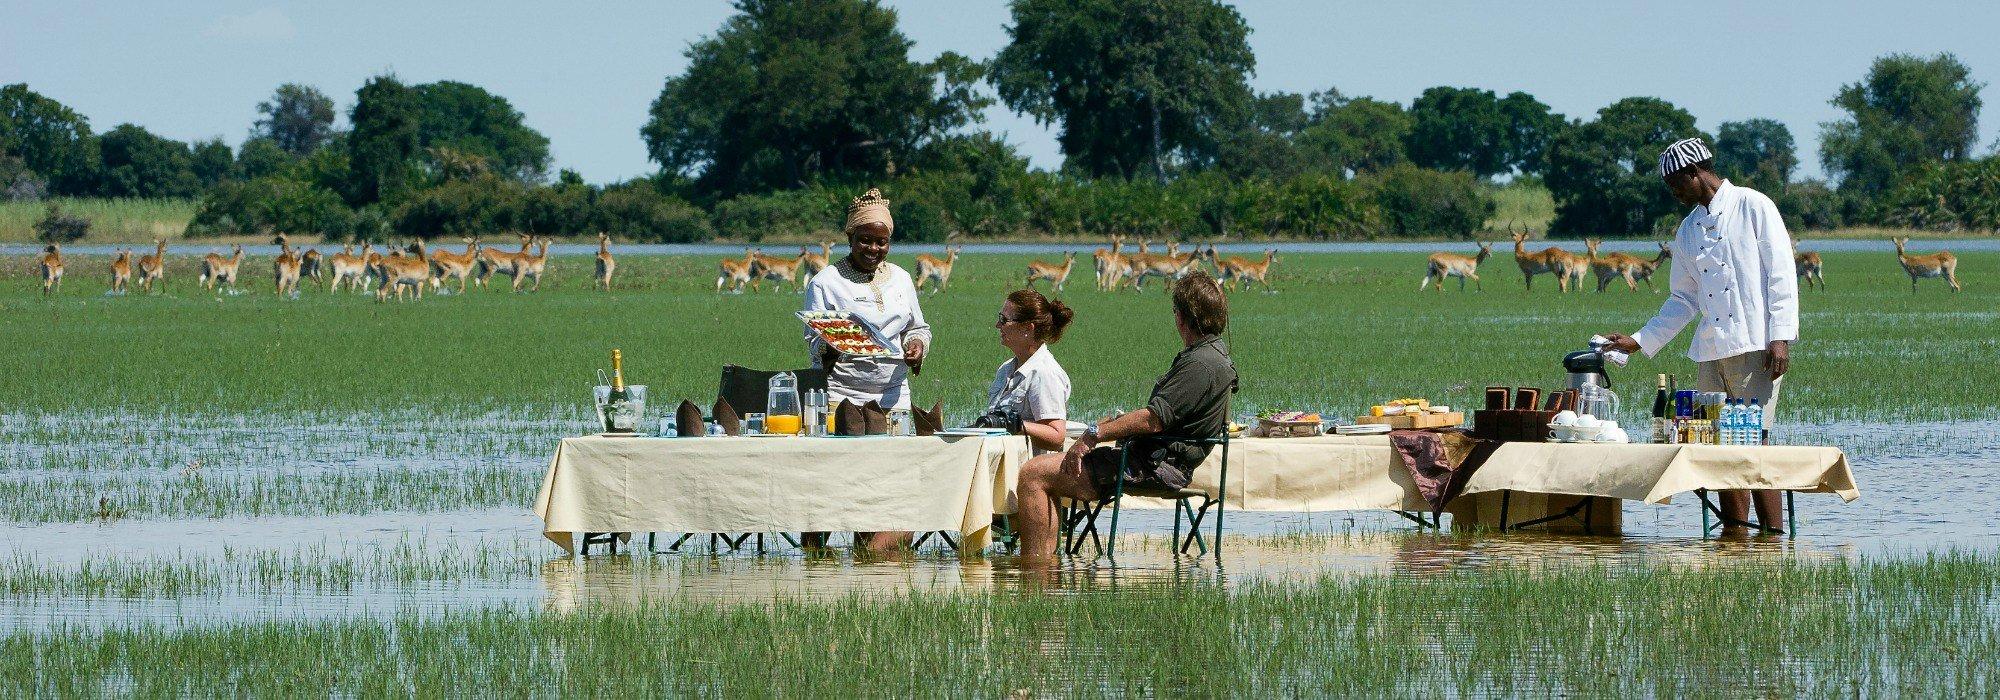 Botswana safari at Jao amp